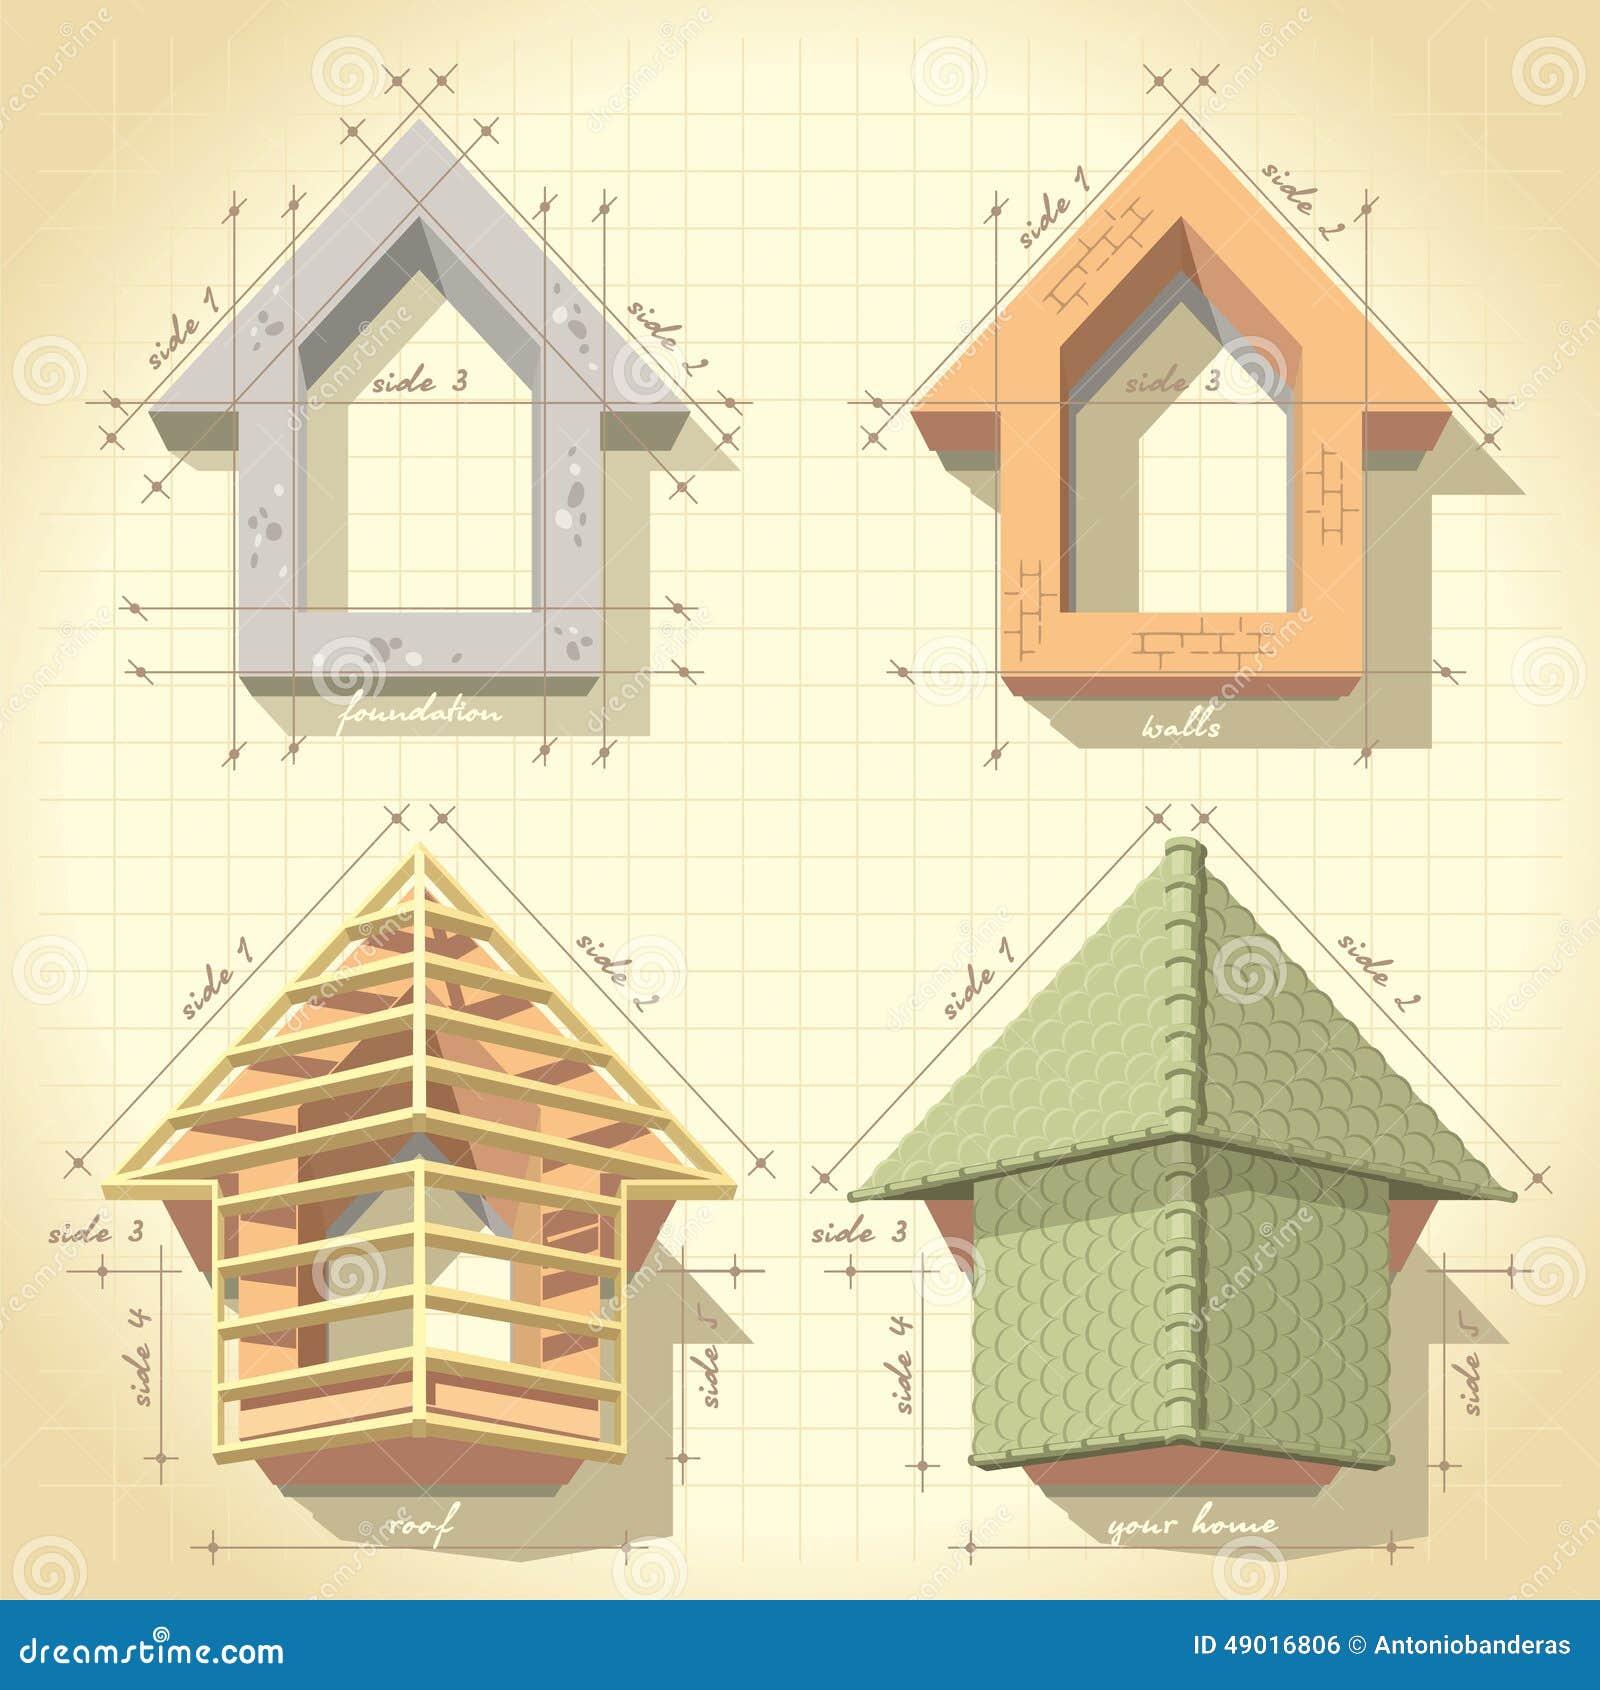 Dibujo De Construir Una Casa Ilustración del Vector - Ilustración de ...